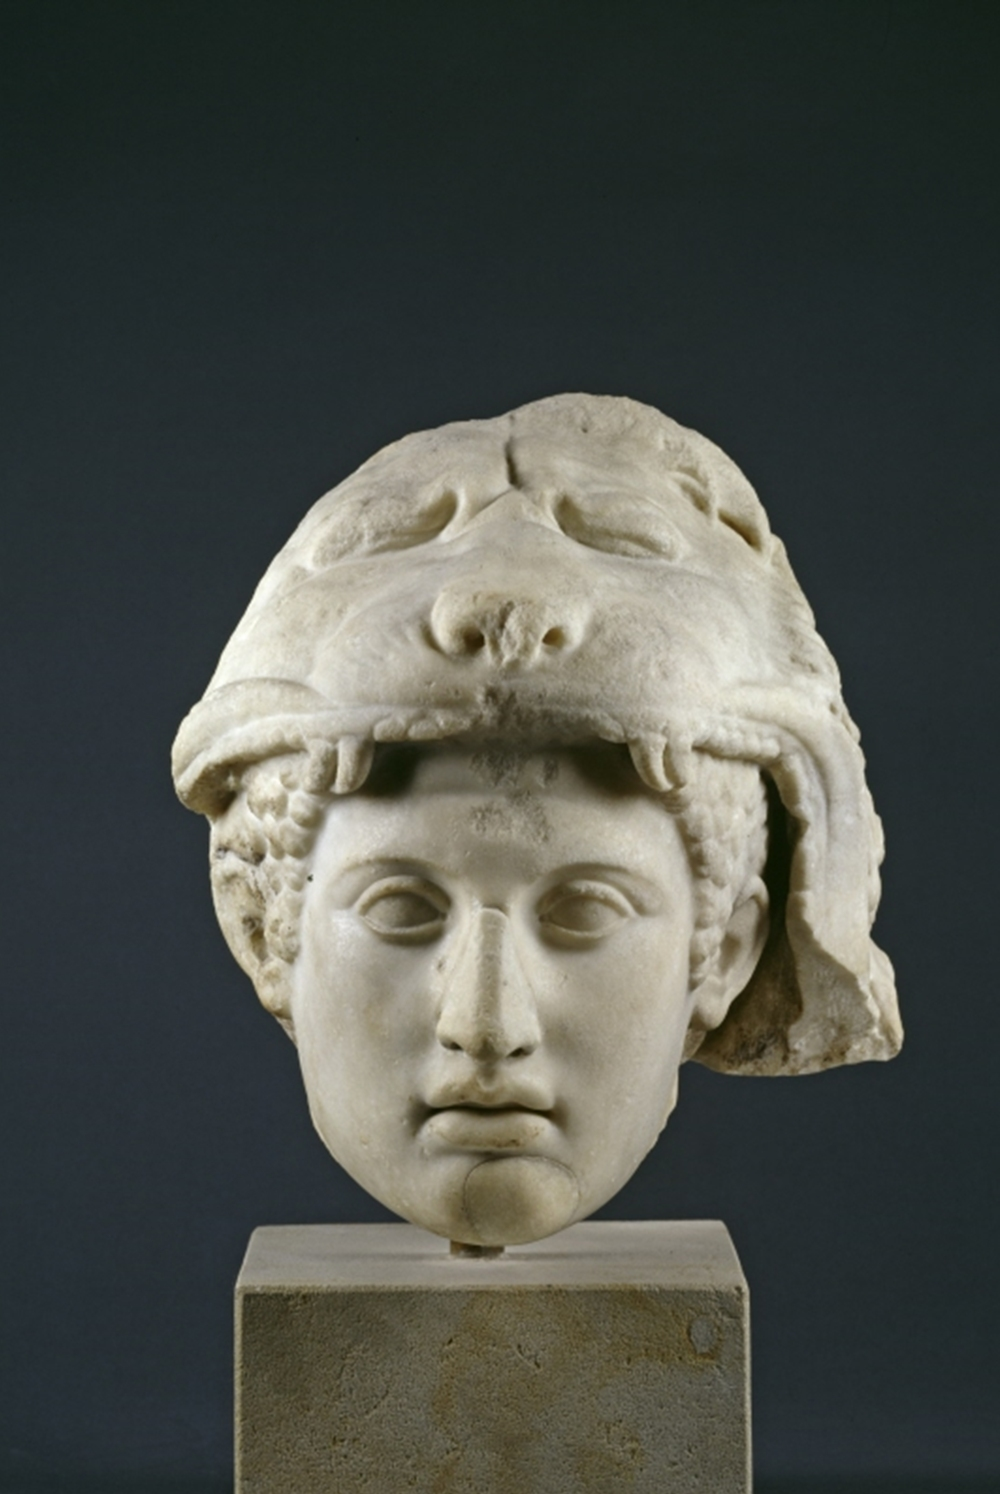 Grèce et Rome - SK 188 - Tête d'Hercule (SMB) - DIFFUSABLE A PARTIR DU 6 MARS-HD